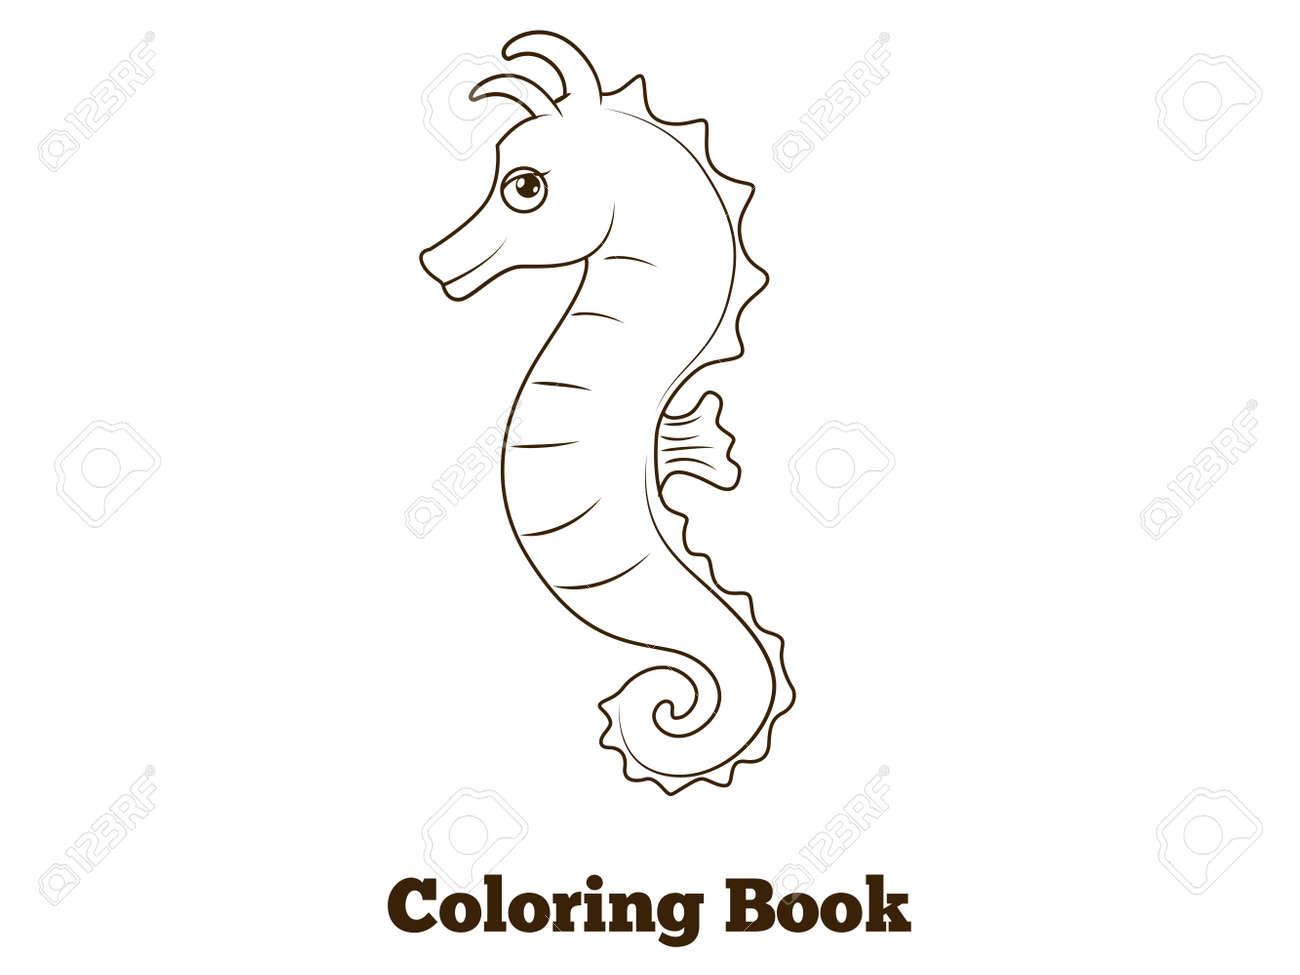 Libro Para Colorear Peces Caballito De Mar De Dibujos Animados Vector Ilustración Educativa